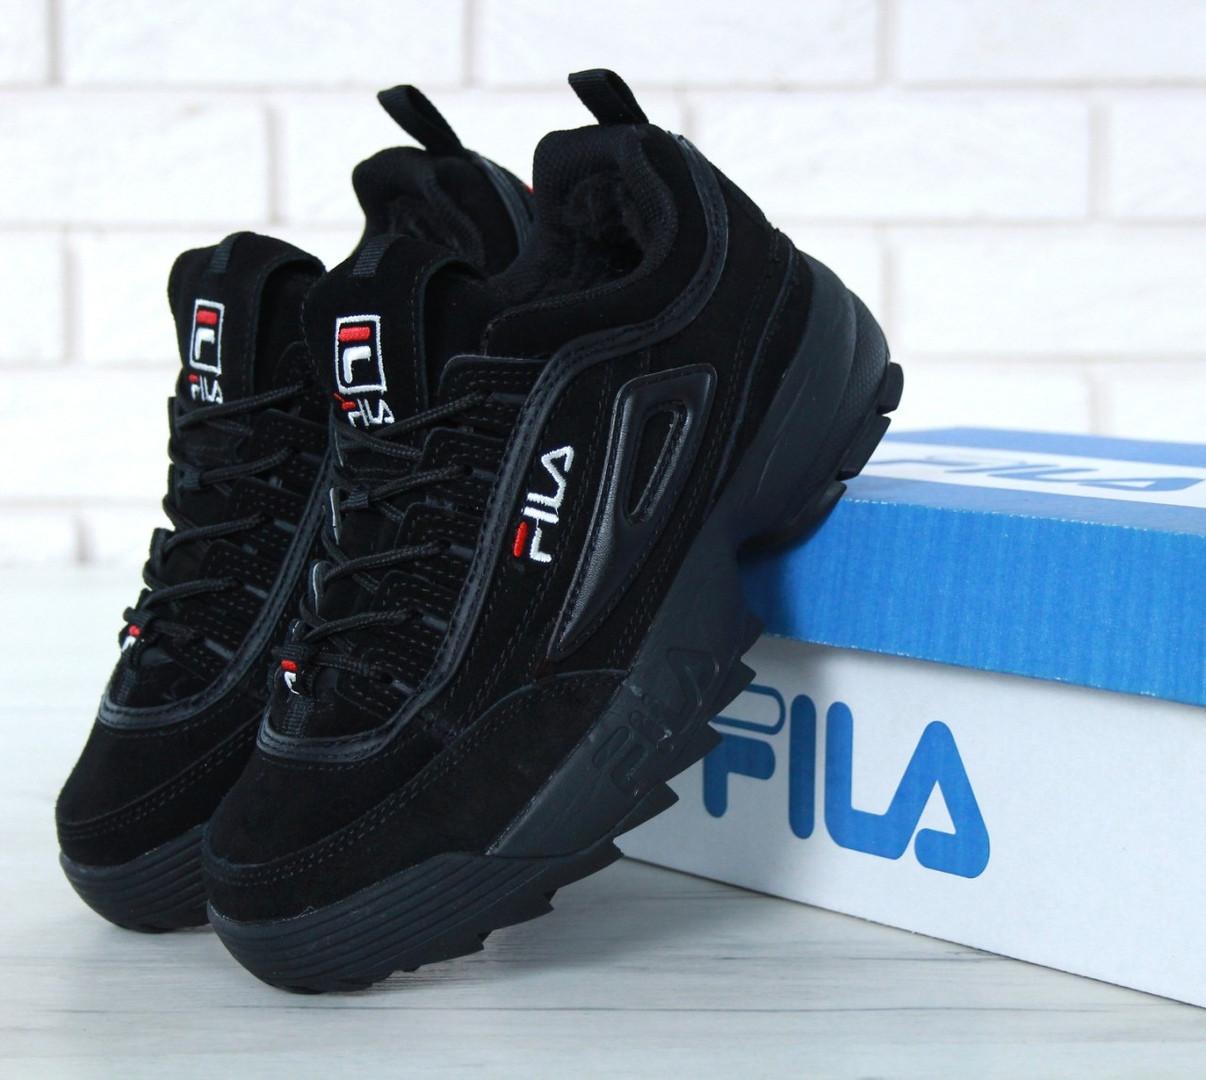 9b7b950d3af3 Кроссовки Мужские FILA Disruptor II FUR, Фила черные зимние замшевые  кроссовки с мехом, реплика